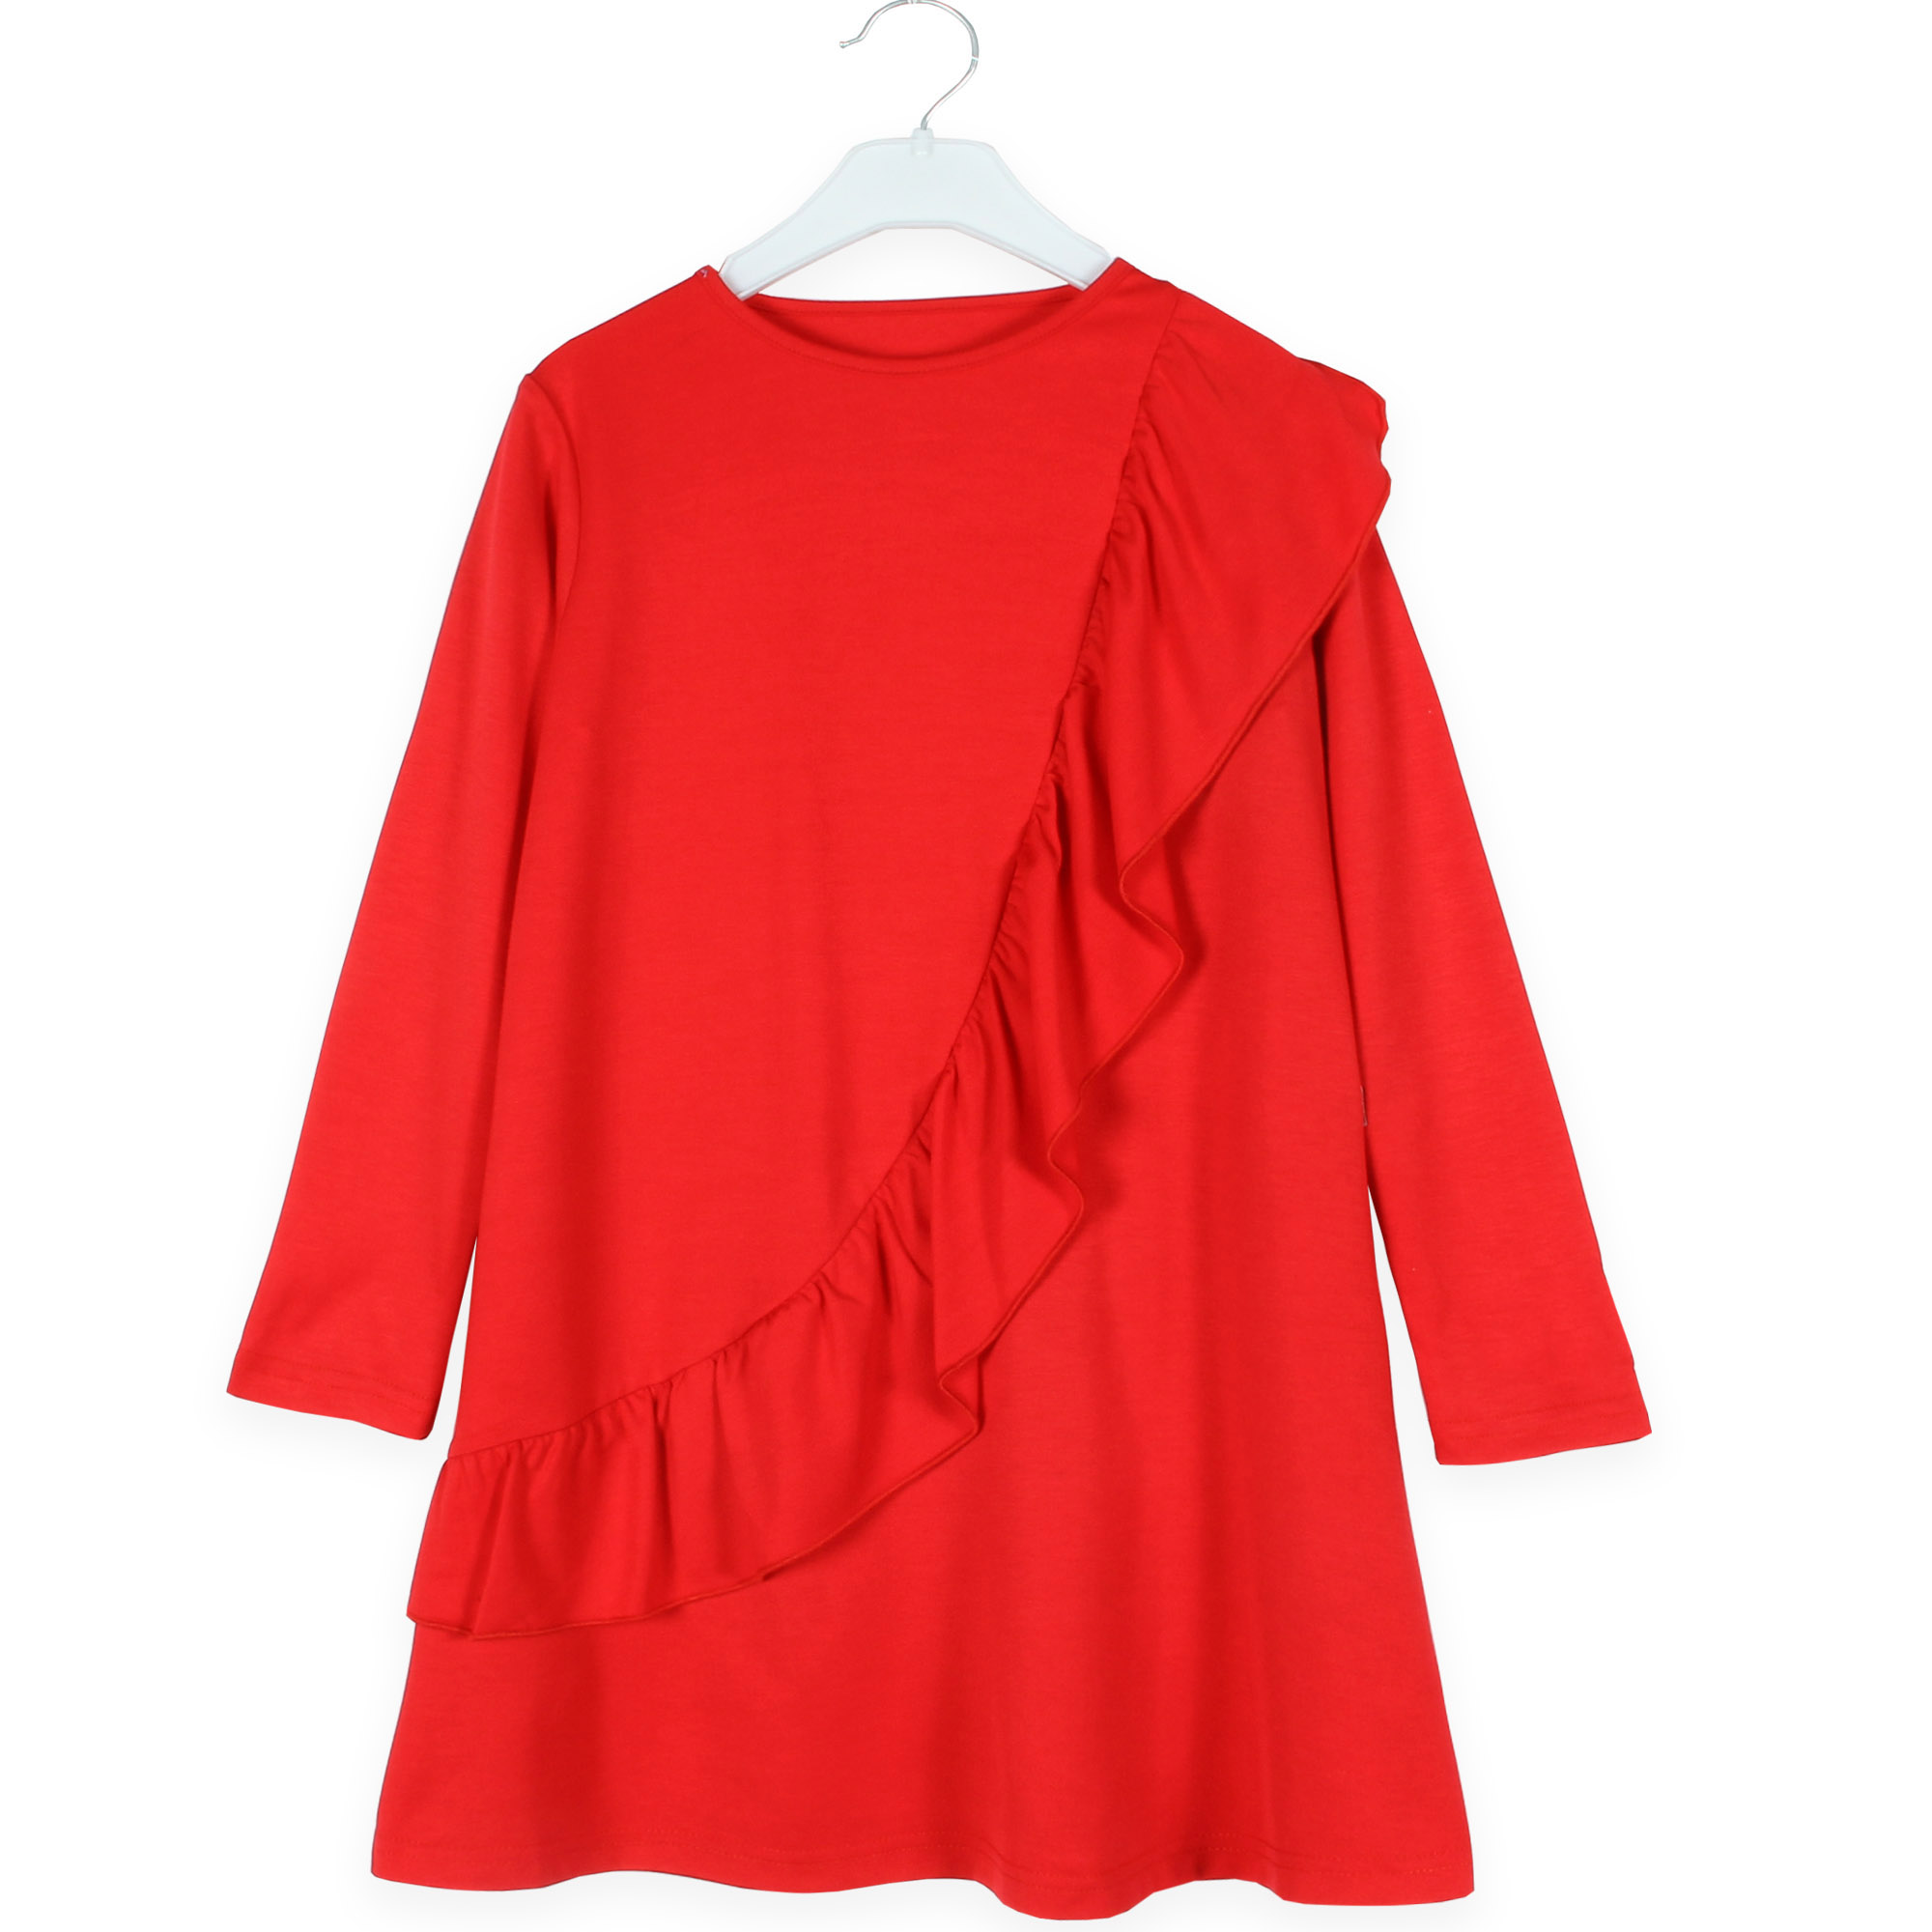 Váy bé gái đỏ bèo ngực